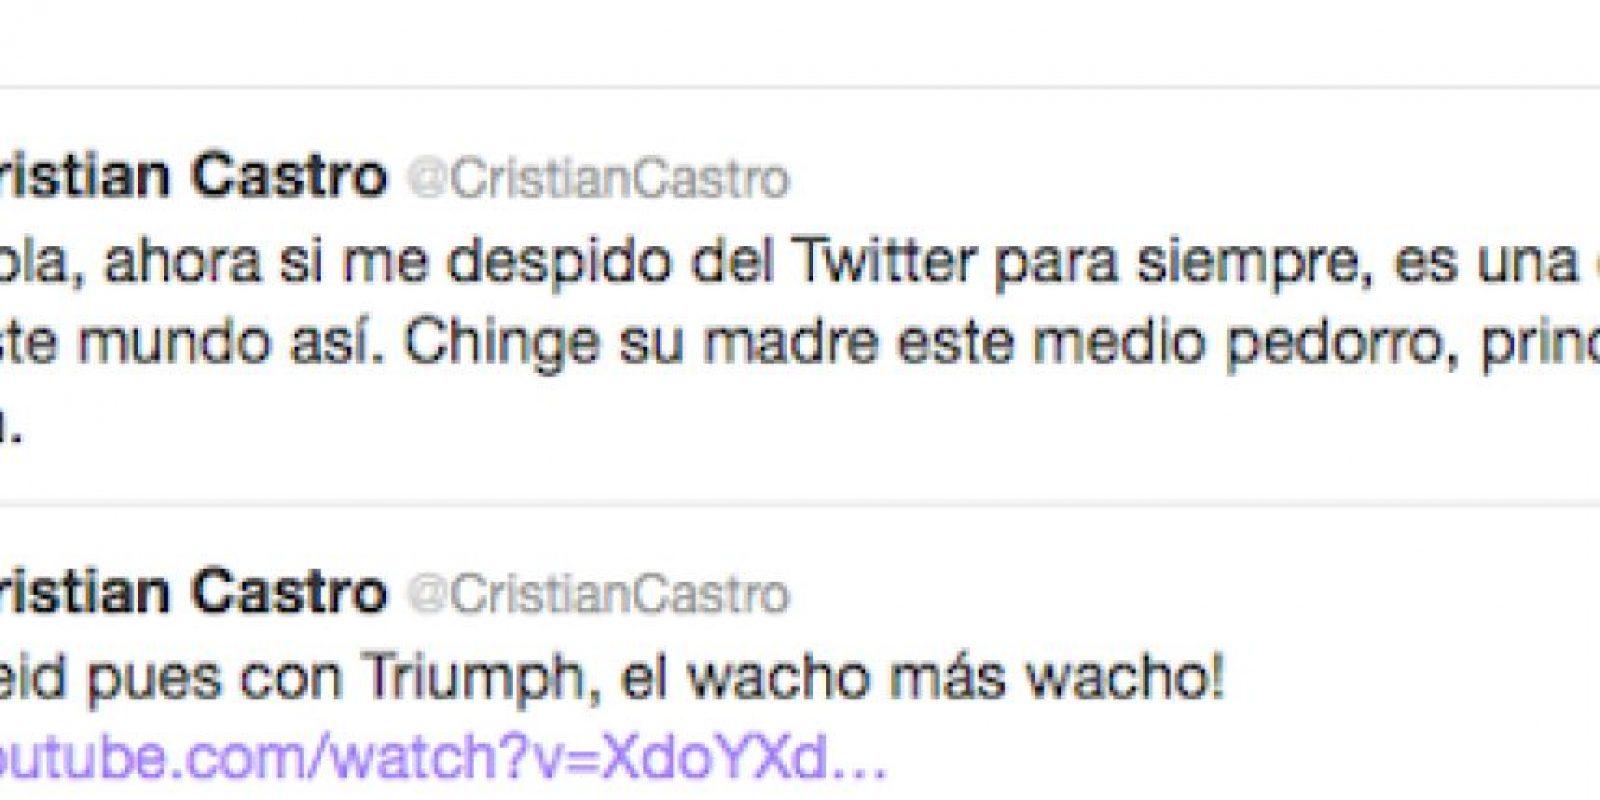 Hasta el momento la cuenta del cantante en Twitter sigue activa Foto:Twitter